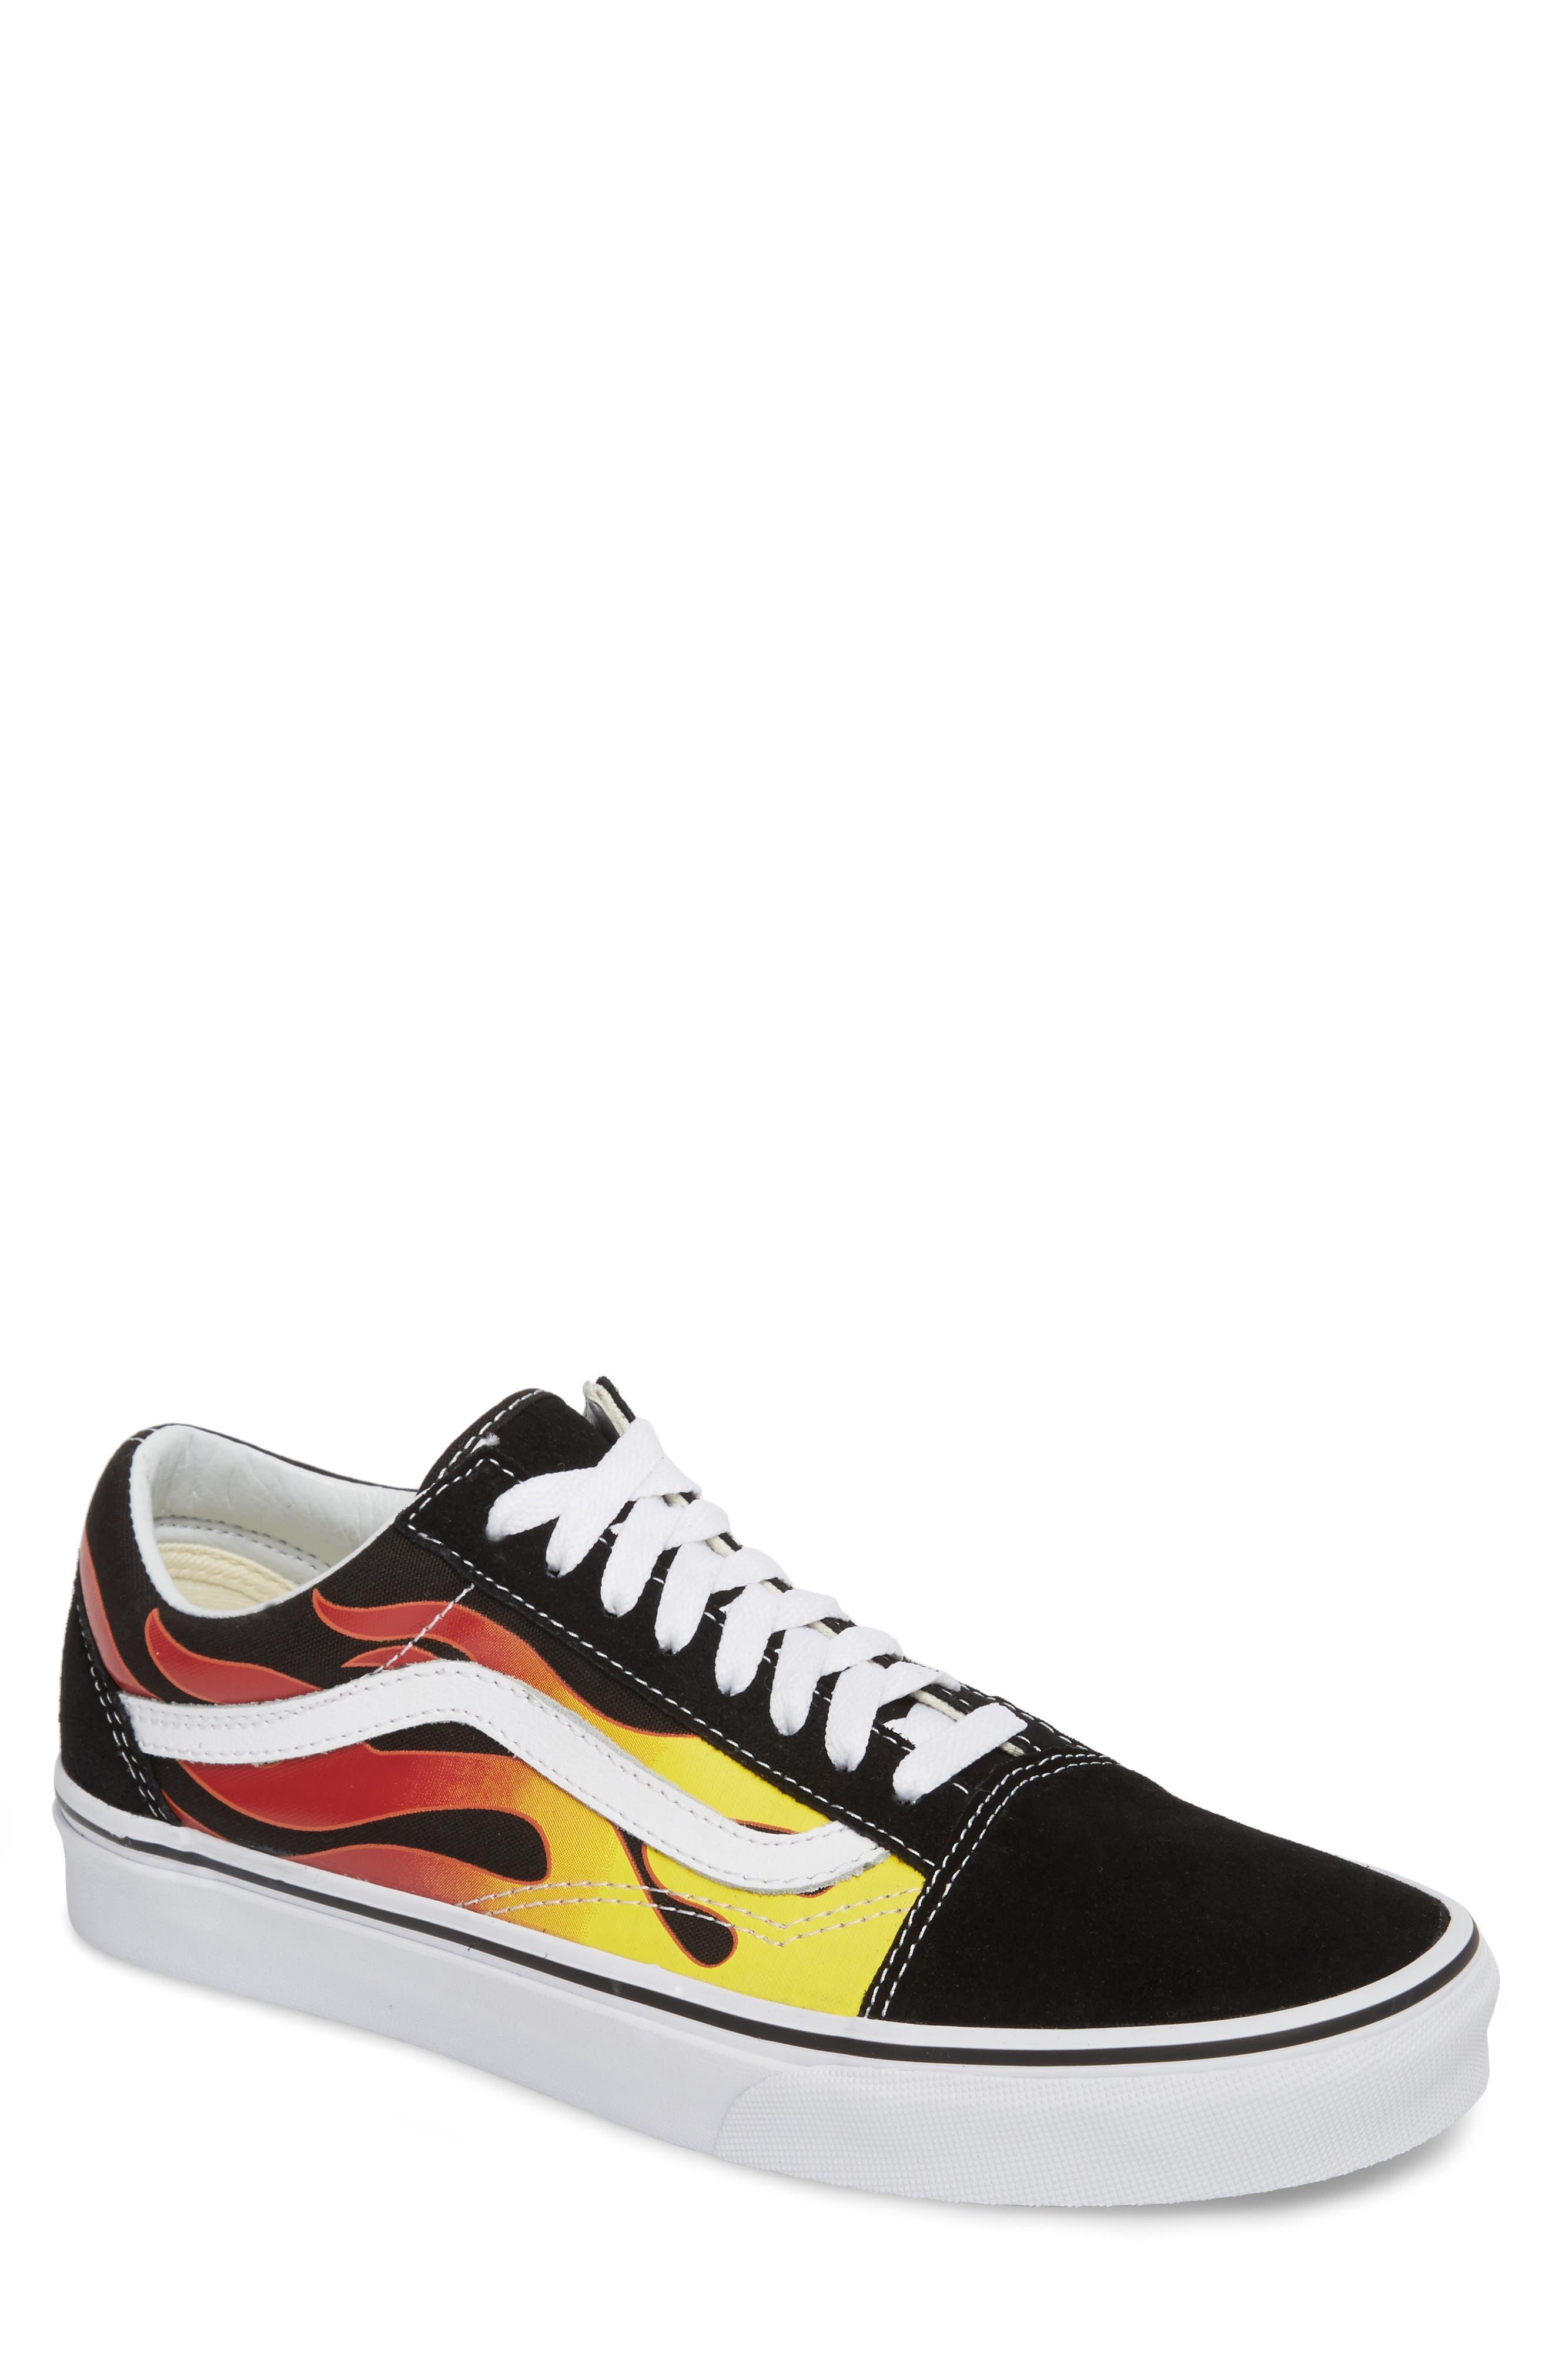 Alternate Image 1 Selected - Vans UA Old Skool Low Top Sneaker (Men)